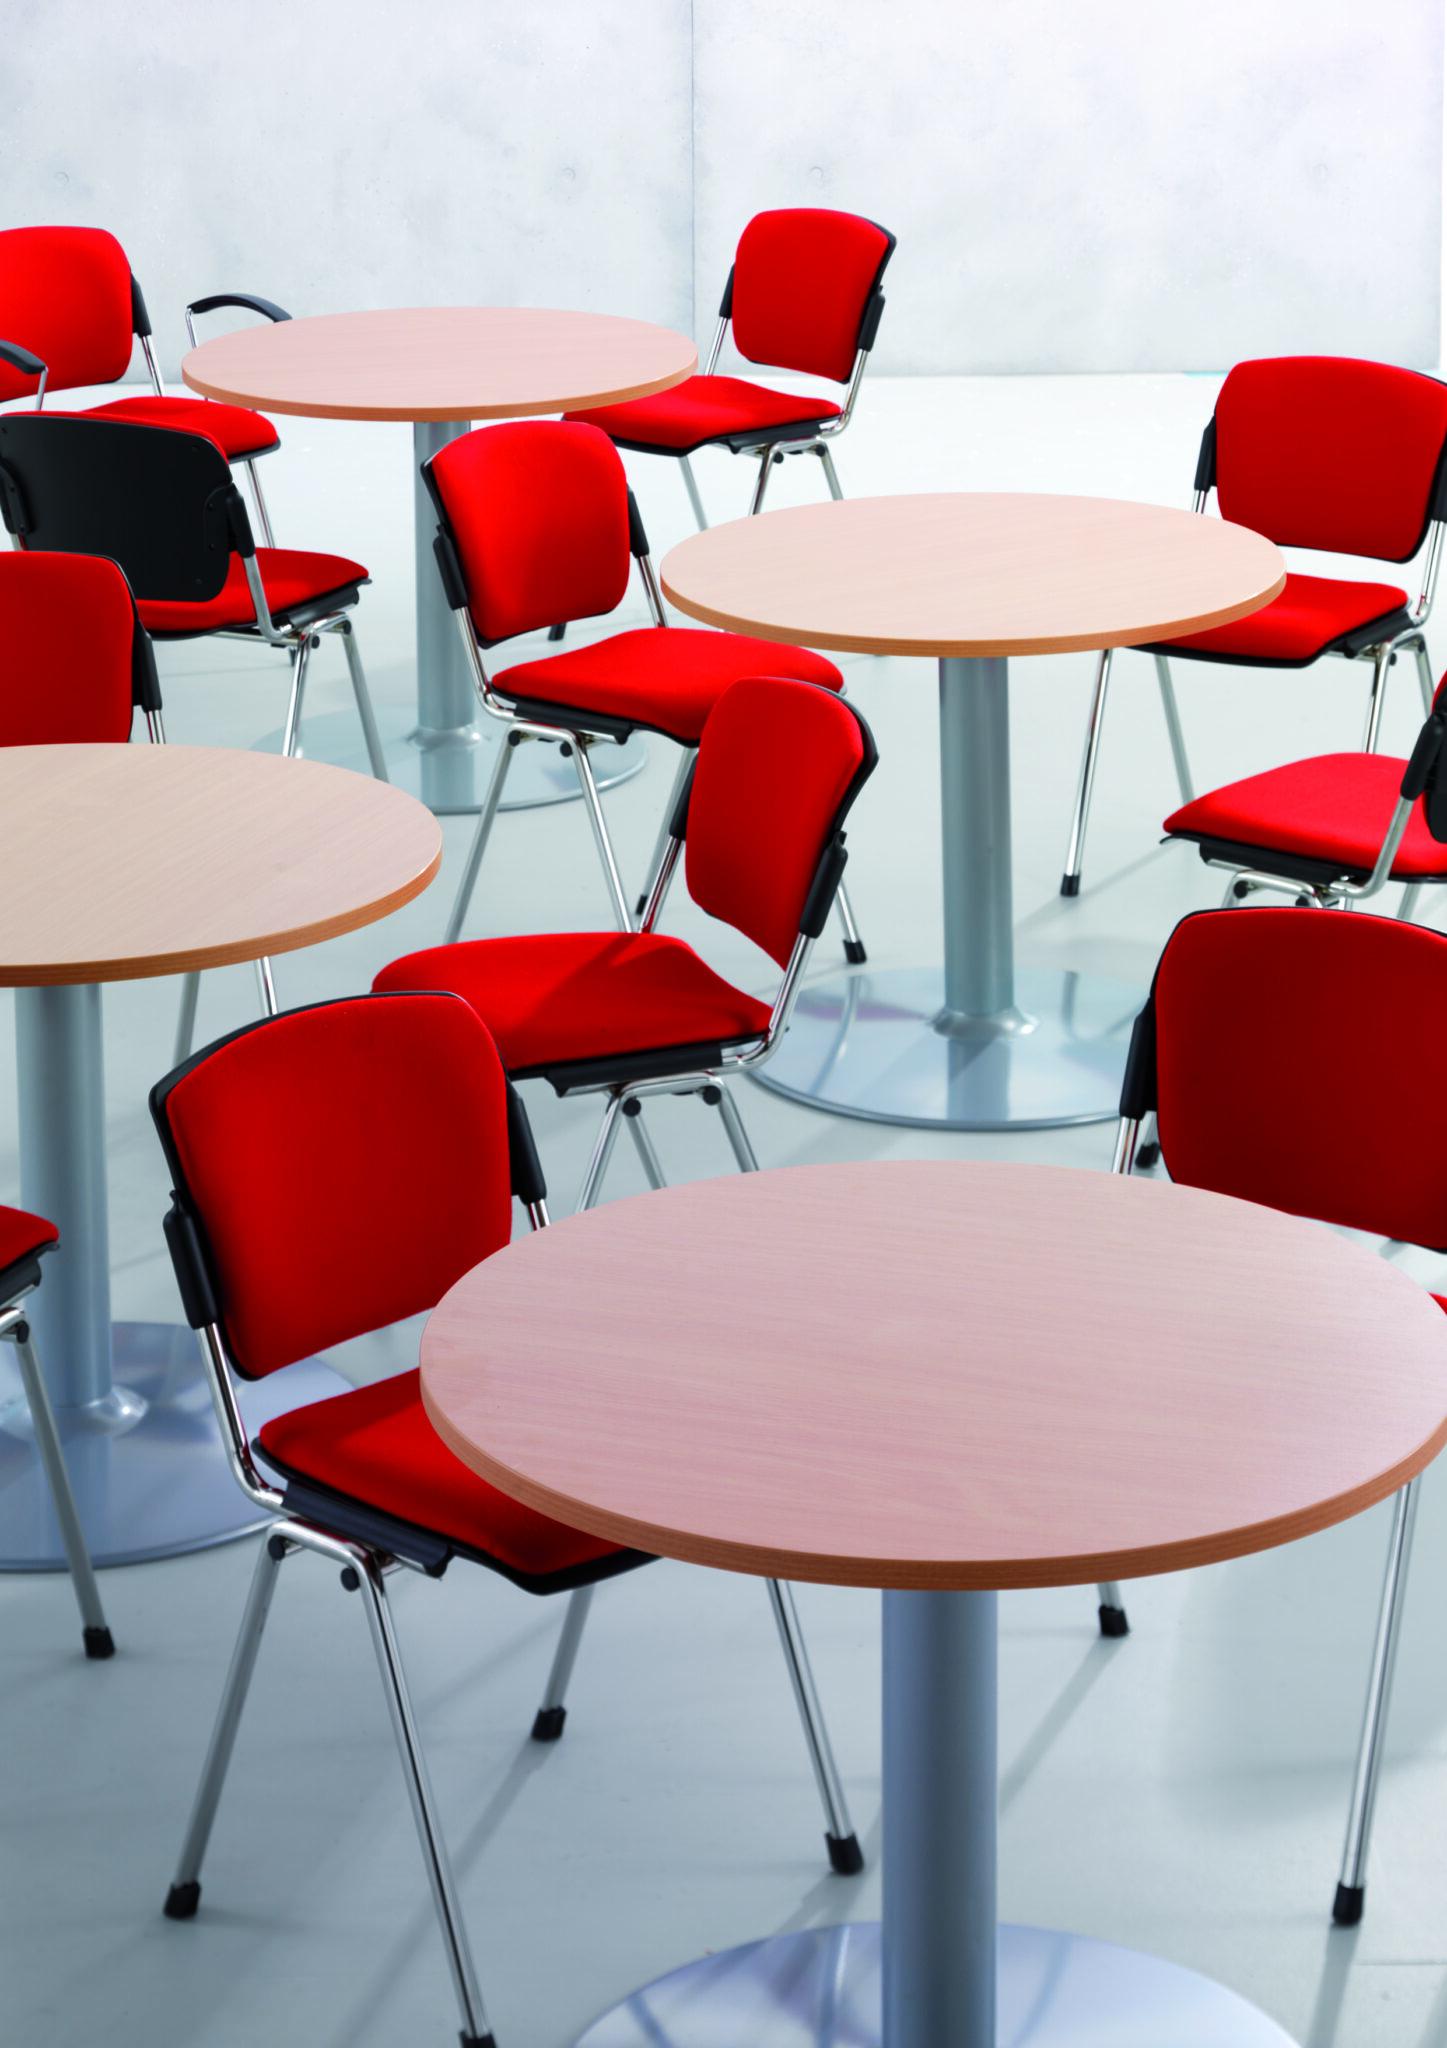 Torasen-kantoormeubilair-tafel-stoelen-Den-Haag-Heering-Office